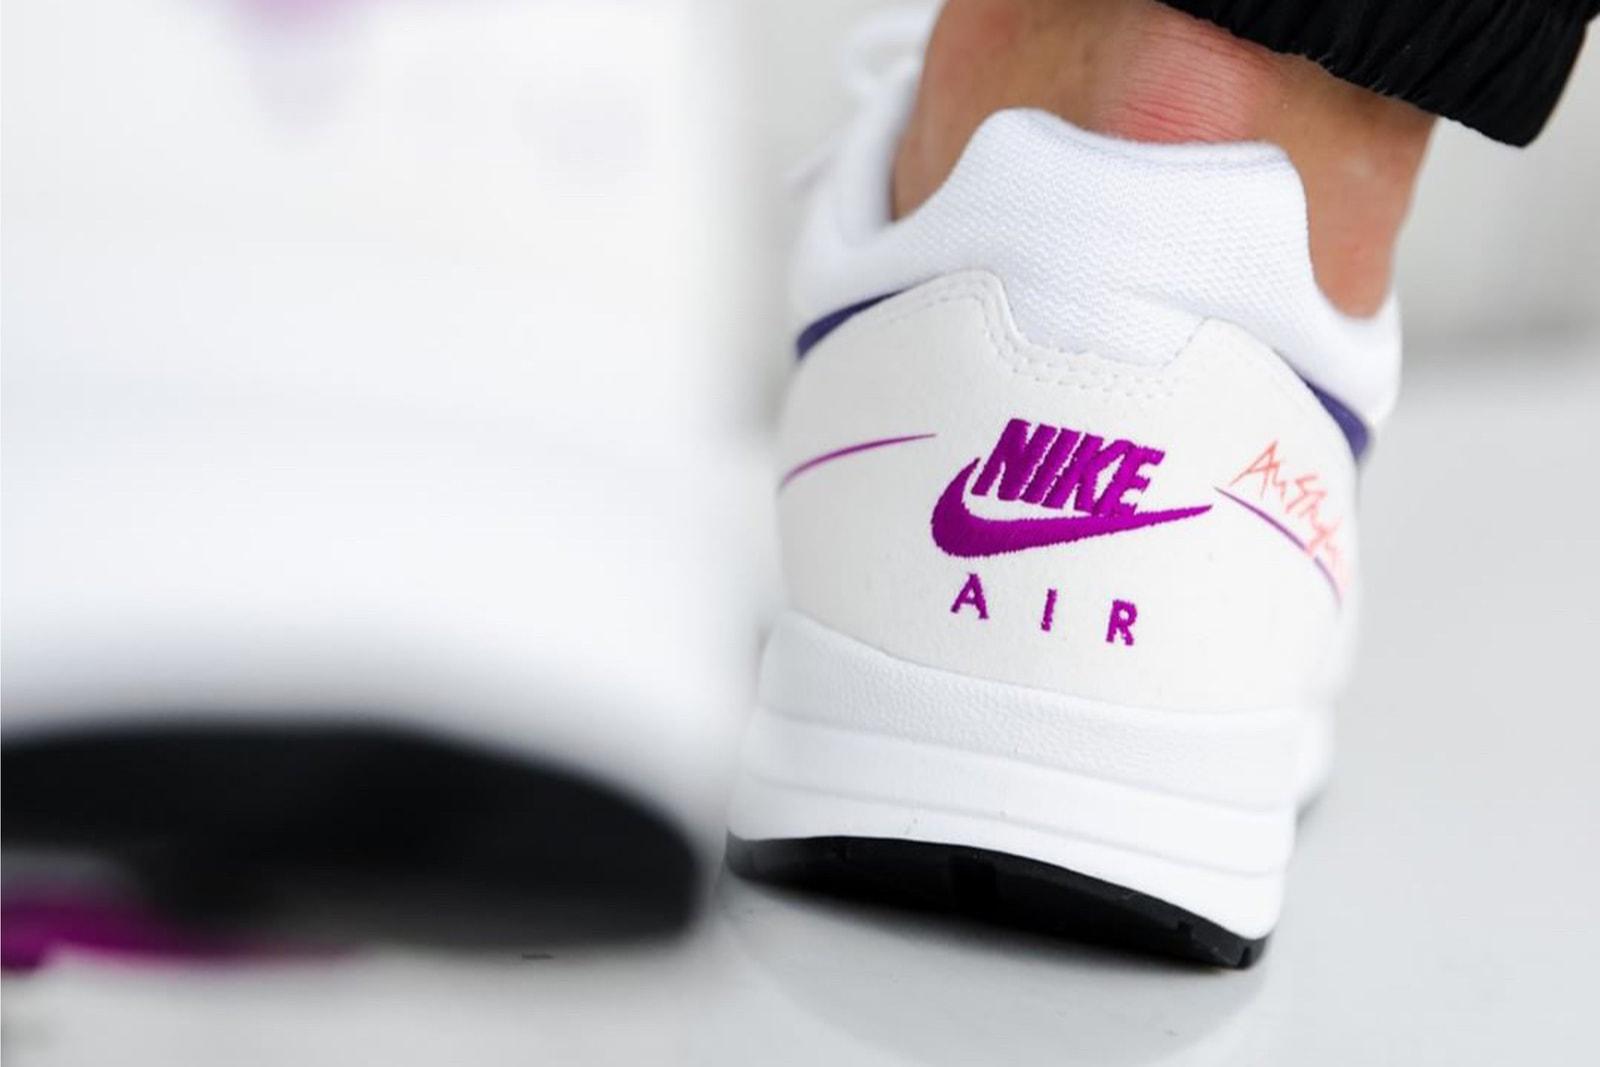 7 位業內人士嚴選 2018 上半年最佳球鞋